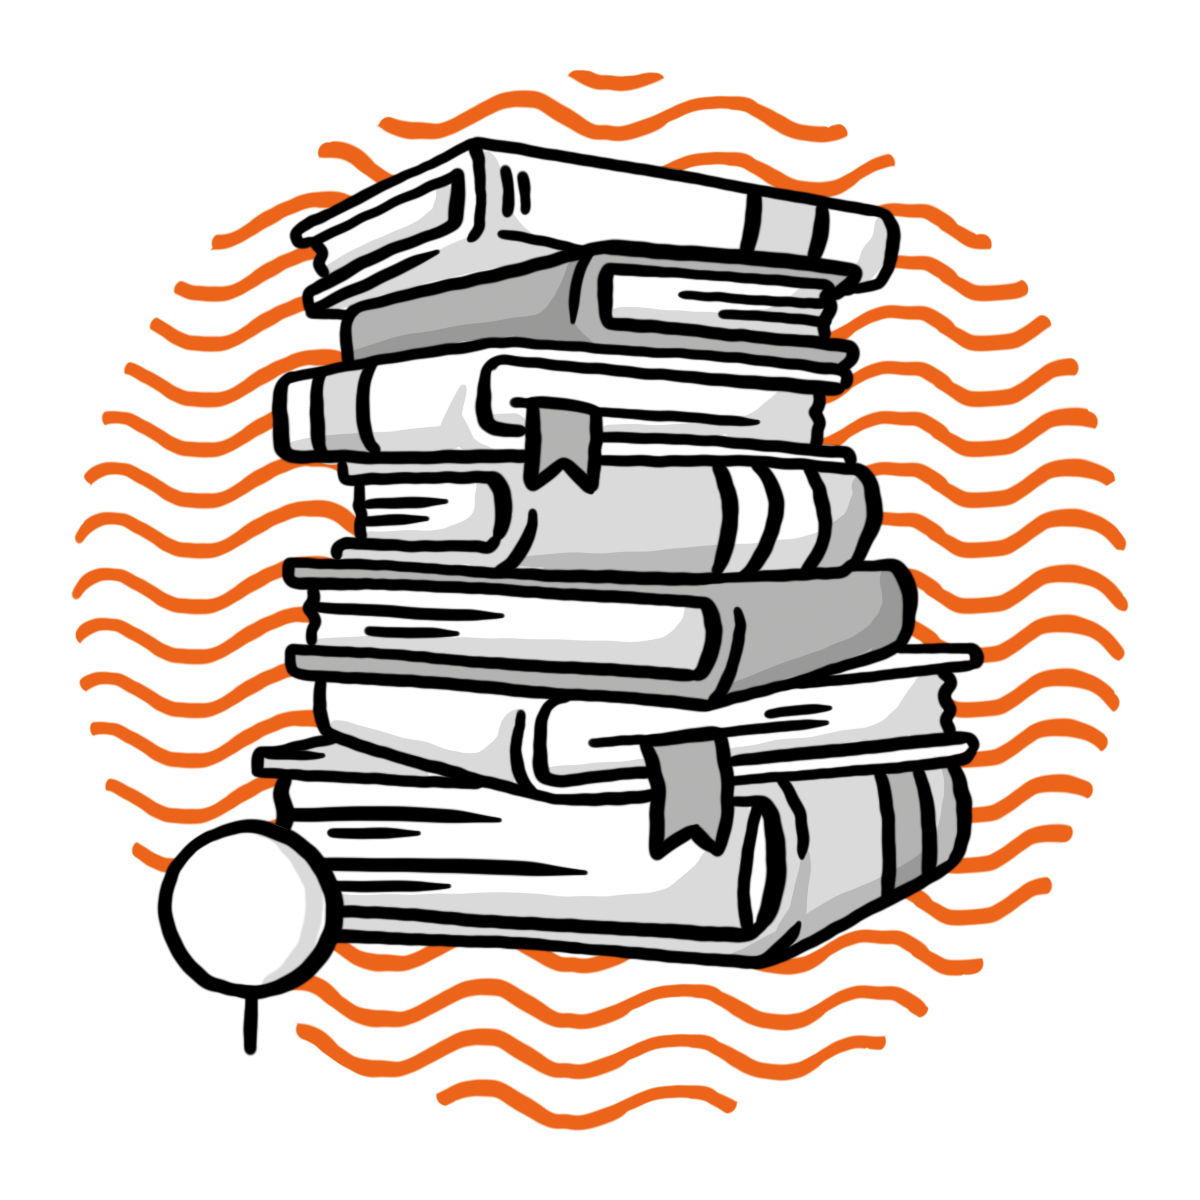 Bücherstapel mit Ganztagesklasse-Bäumchen (Symbol für Ganztagesklasse)